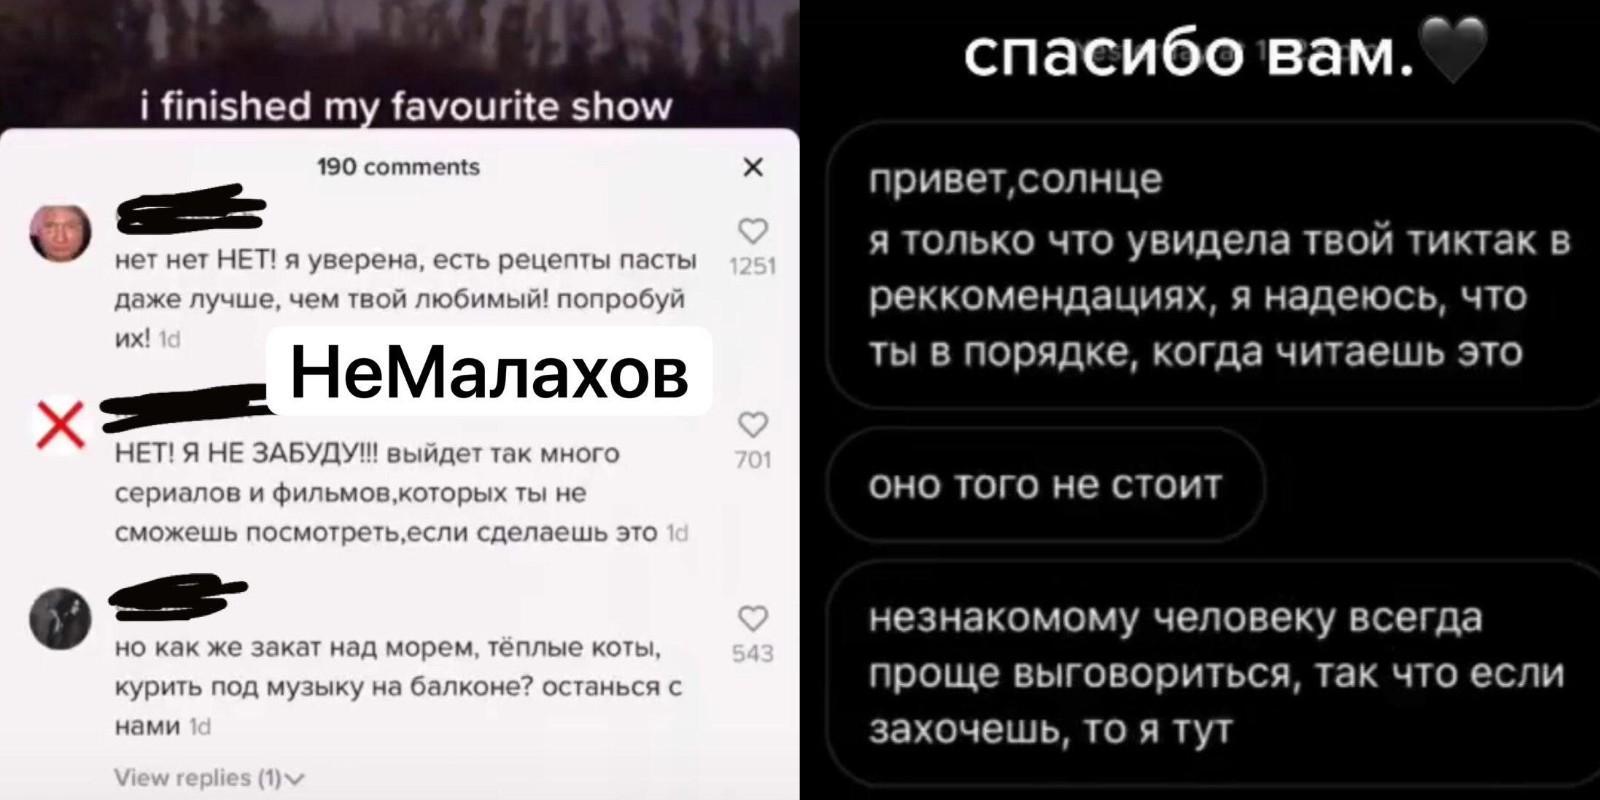 Фото © Telegram / НеМалахов